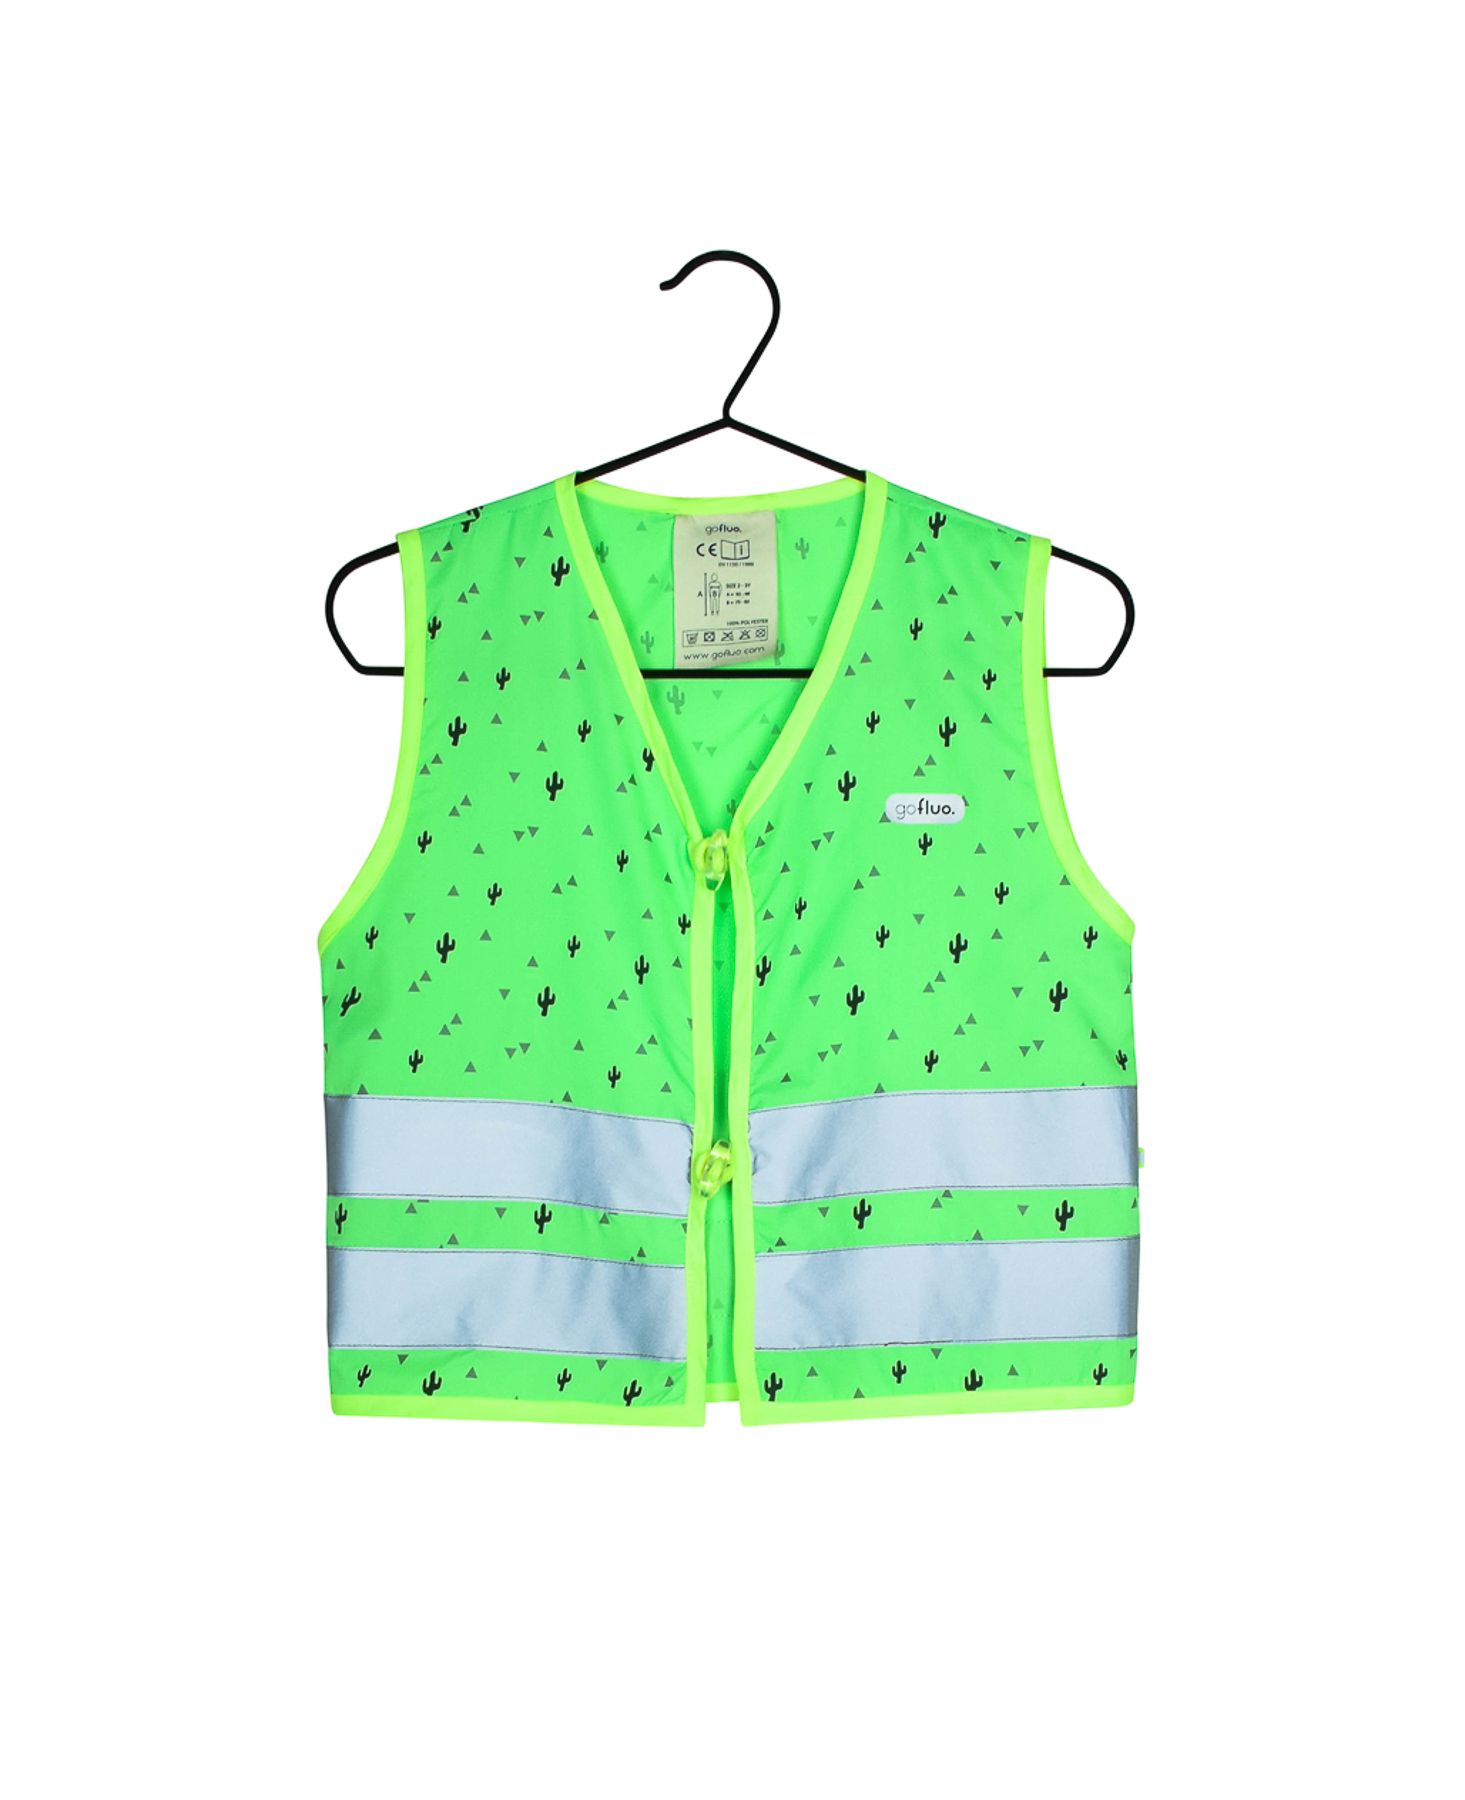 Fluohesje Phill groen size 4-6Y